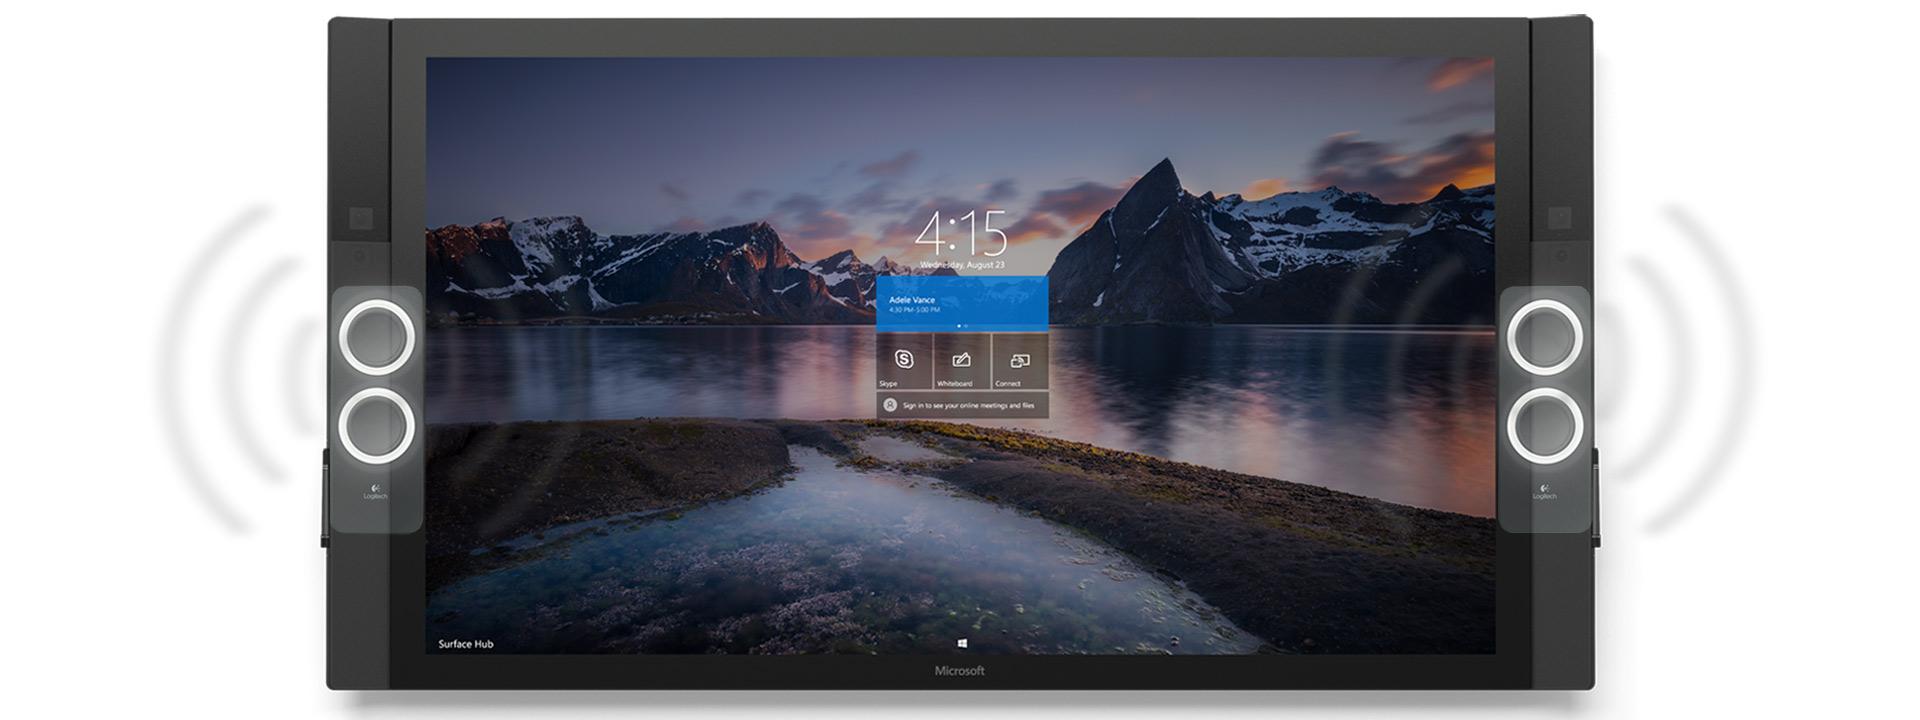 Vue avant du Surface Hub avec un paysage en écran d'accueil, et des illustrations des haut-parleurs vibrant avec le son.